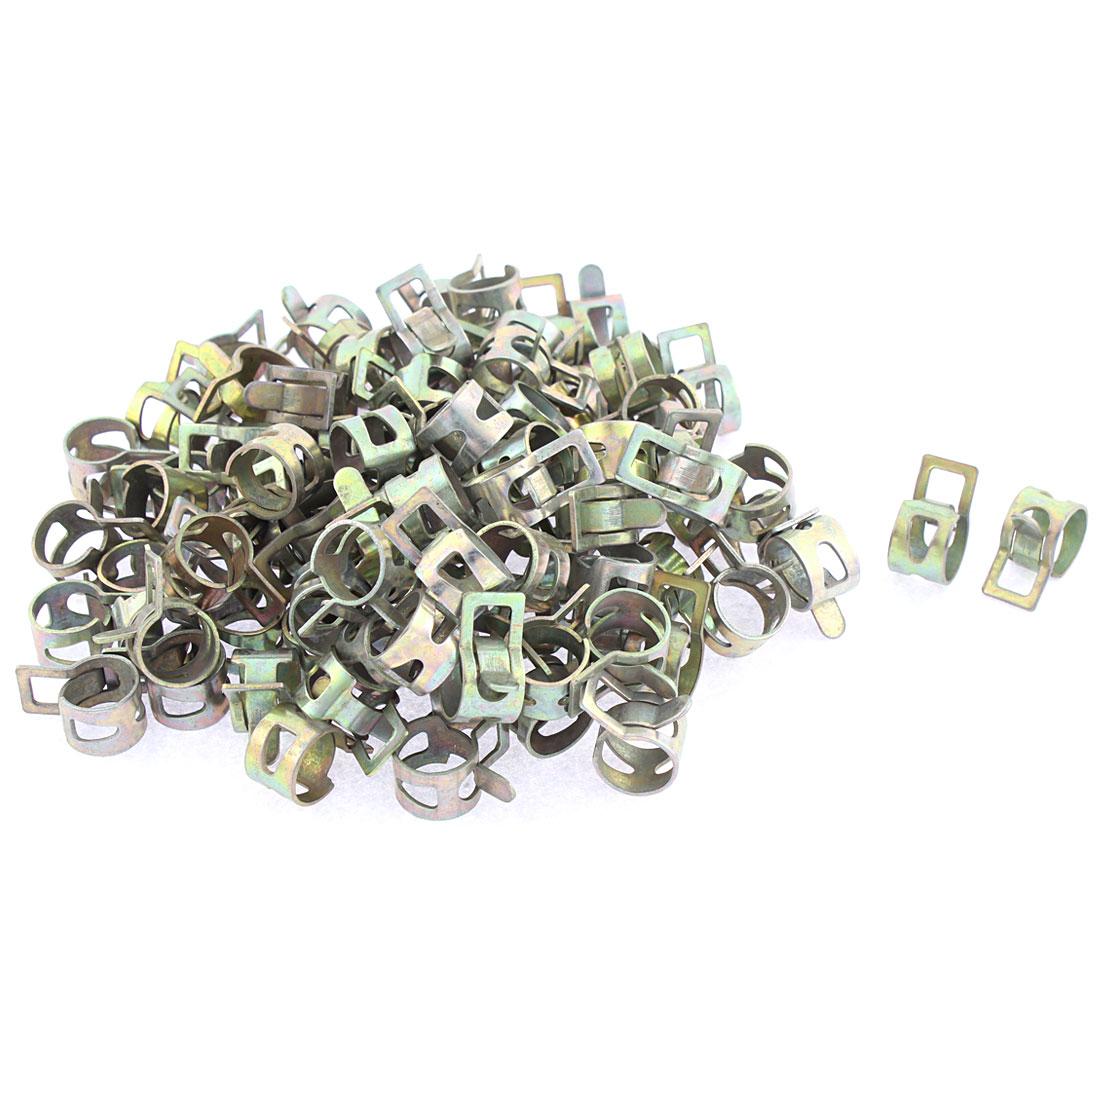 100 Pcs Bronze Tone 14mm Dia Vacuum Spring Hose Clip Clamp